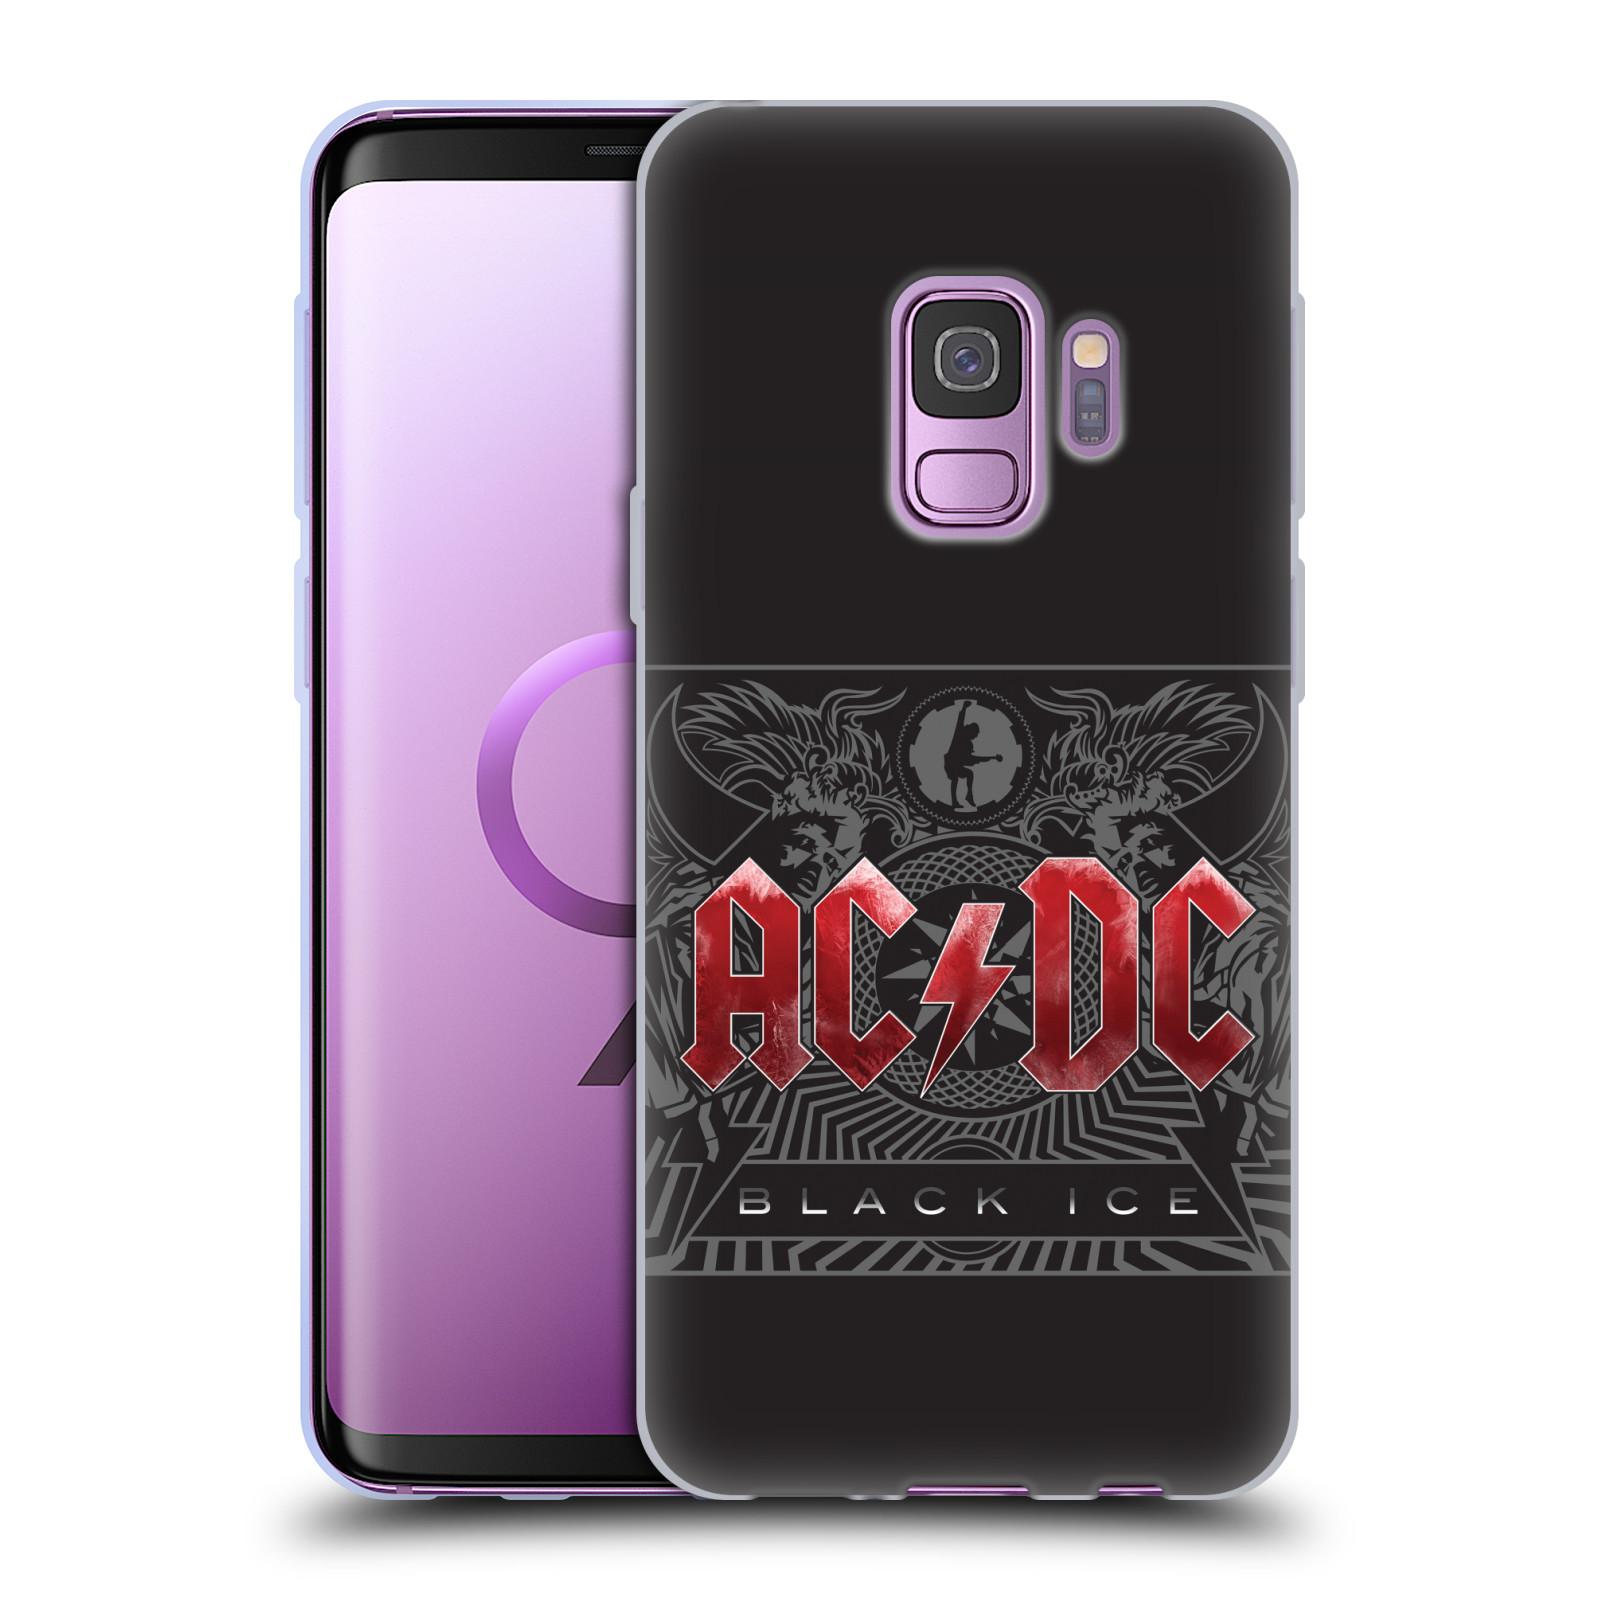 Silikonové pouzdro na mobil Samsung Galaxy S9 - Head Case - AC/DC Black Ice